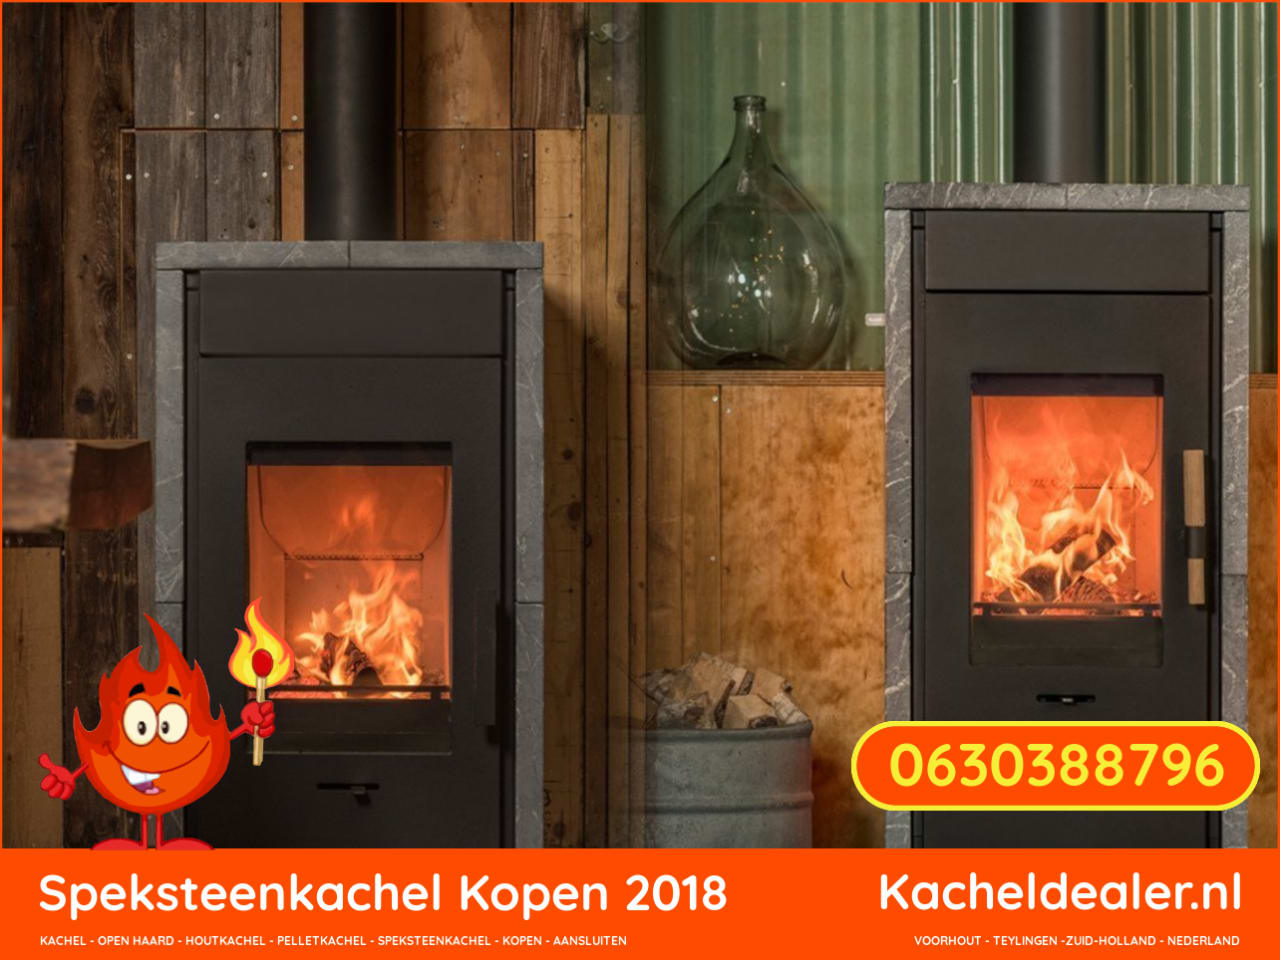 Zeer Kachel Houtkachel Kopen 2019 (met aansluiten) Kacheldealer ZH AX06